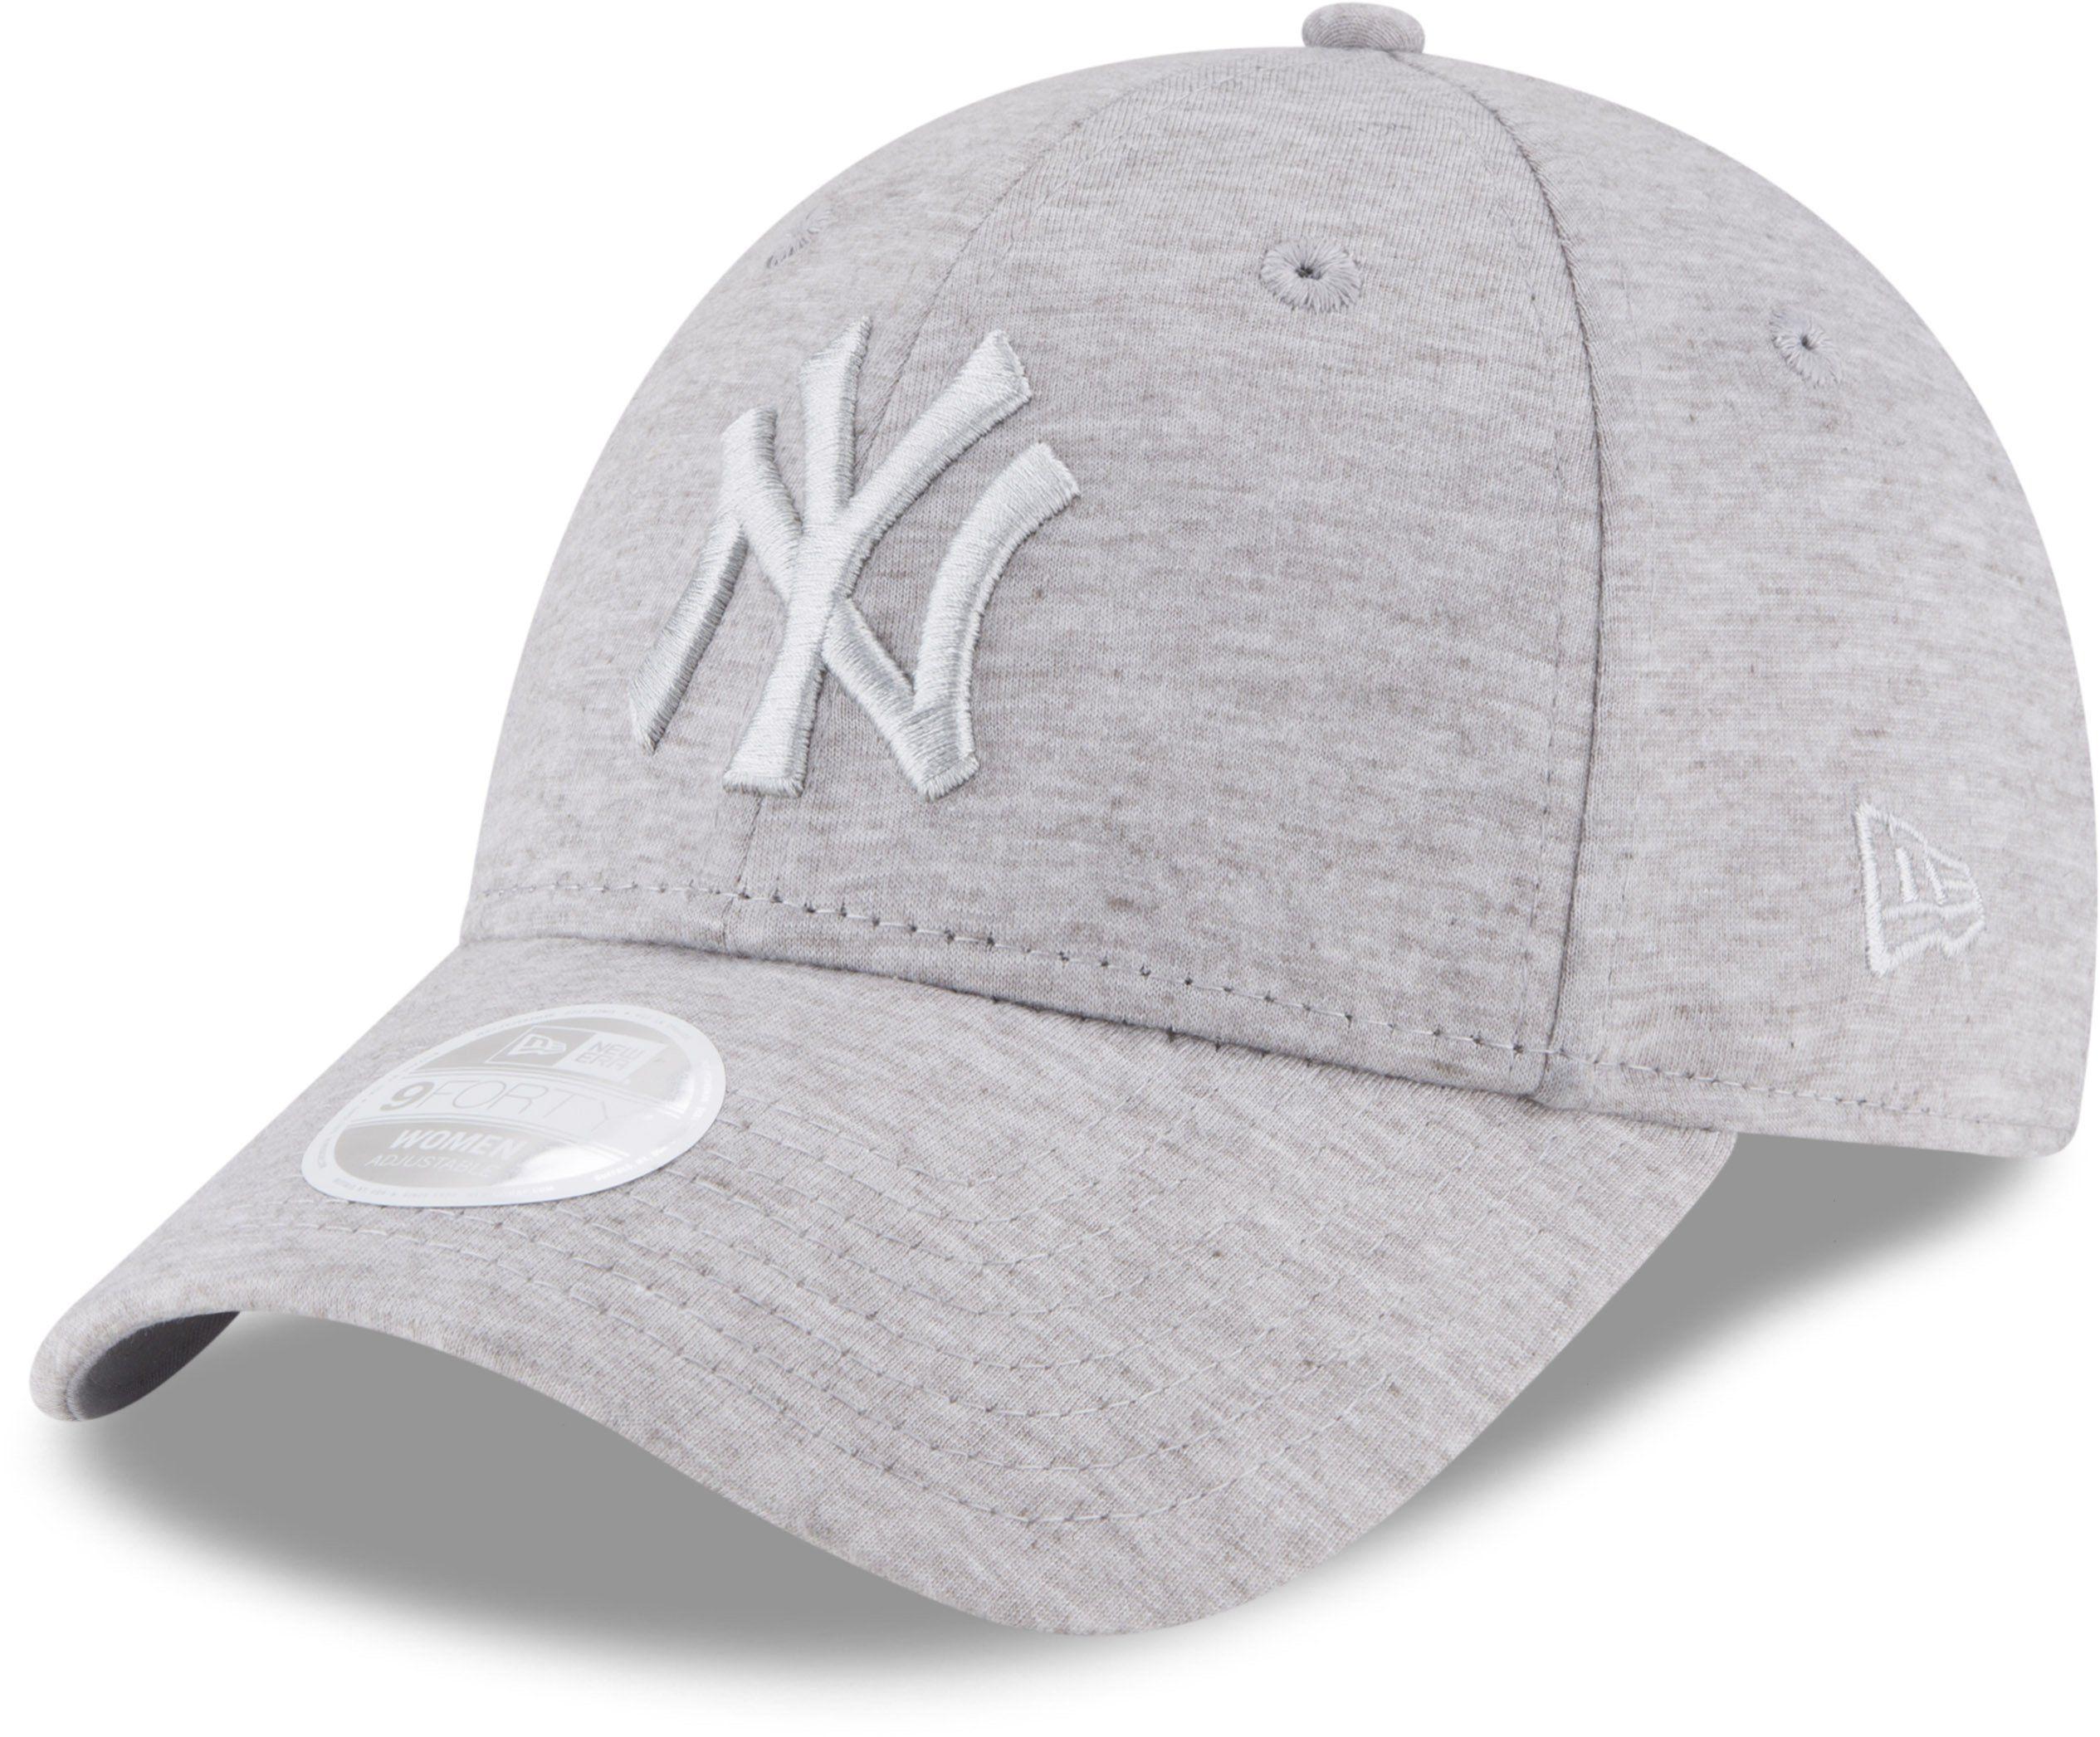 3b6269375 NY Yankees Womens New Era 940 MLB Jersey Baseball Cap – lovemycap ...